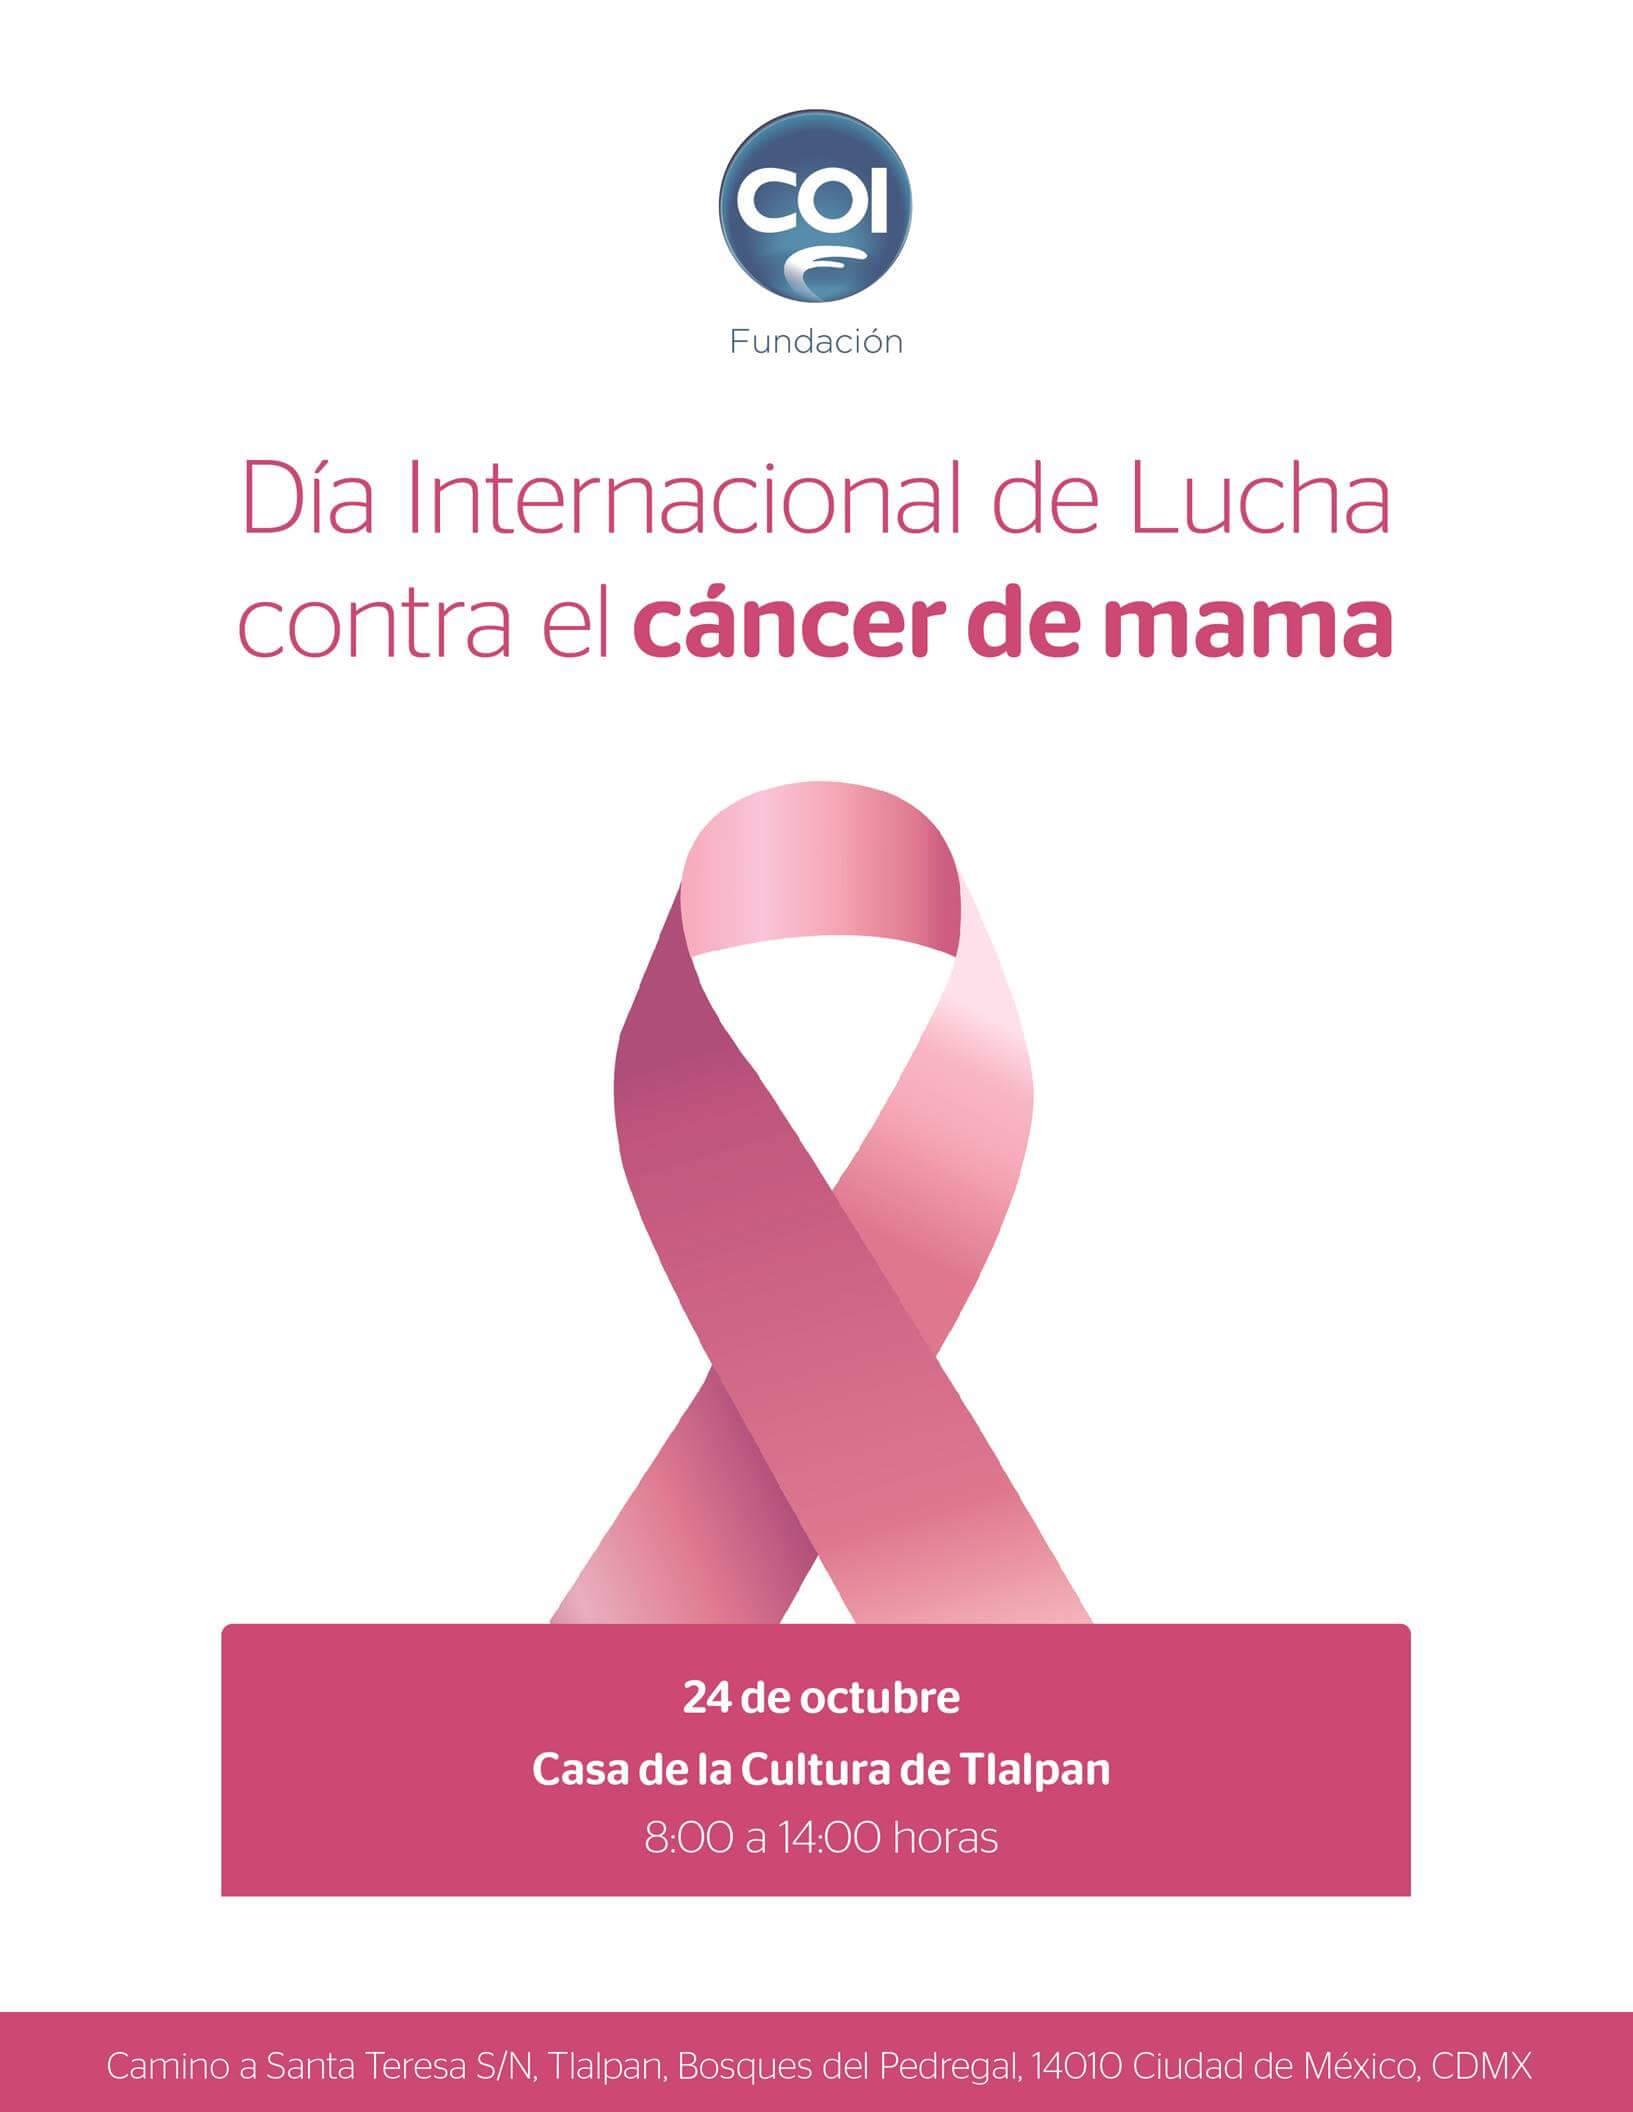 COI conmemora el Día Internación de Lucha contra el Cáncer de Mama